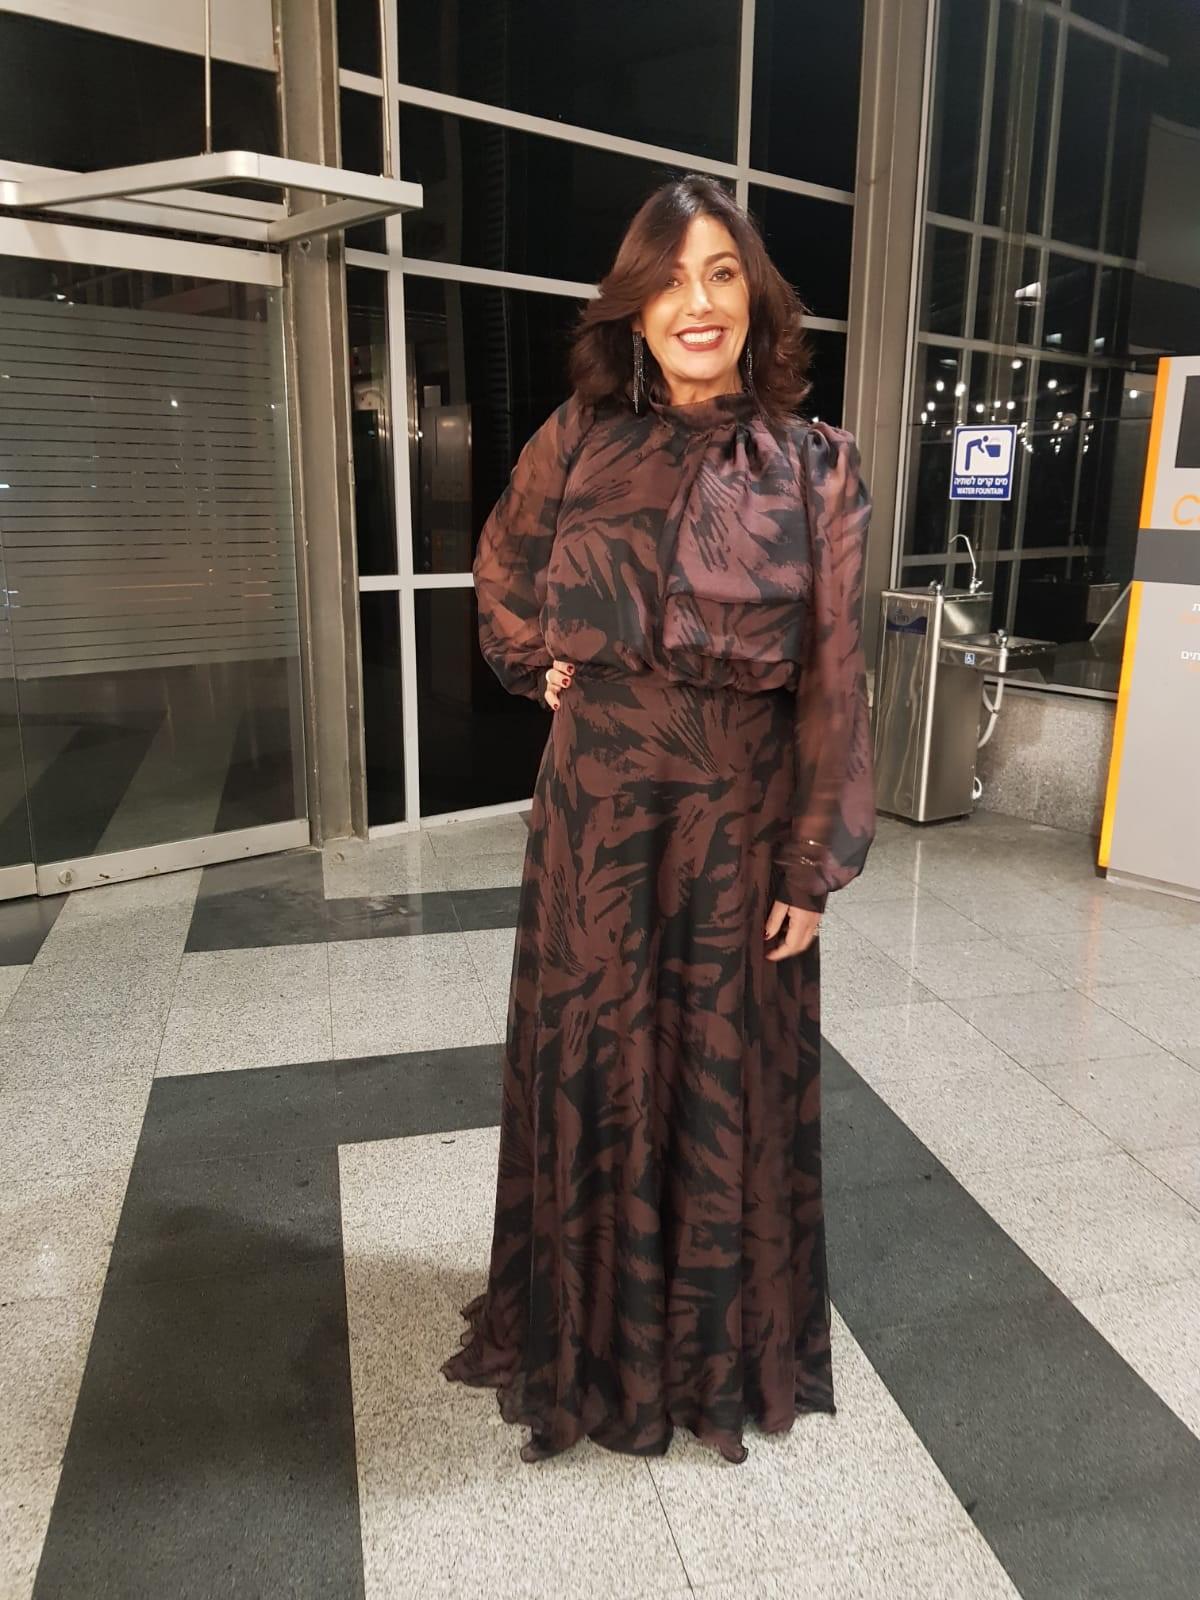 מירי רגב בשמלה של המעצב דרור קונטננטו, באירוע ההצדעה לאופנה הישראלית (צילום: יח״צ)